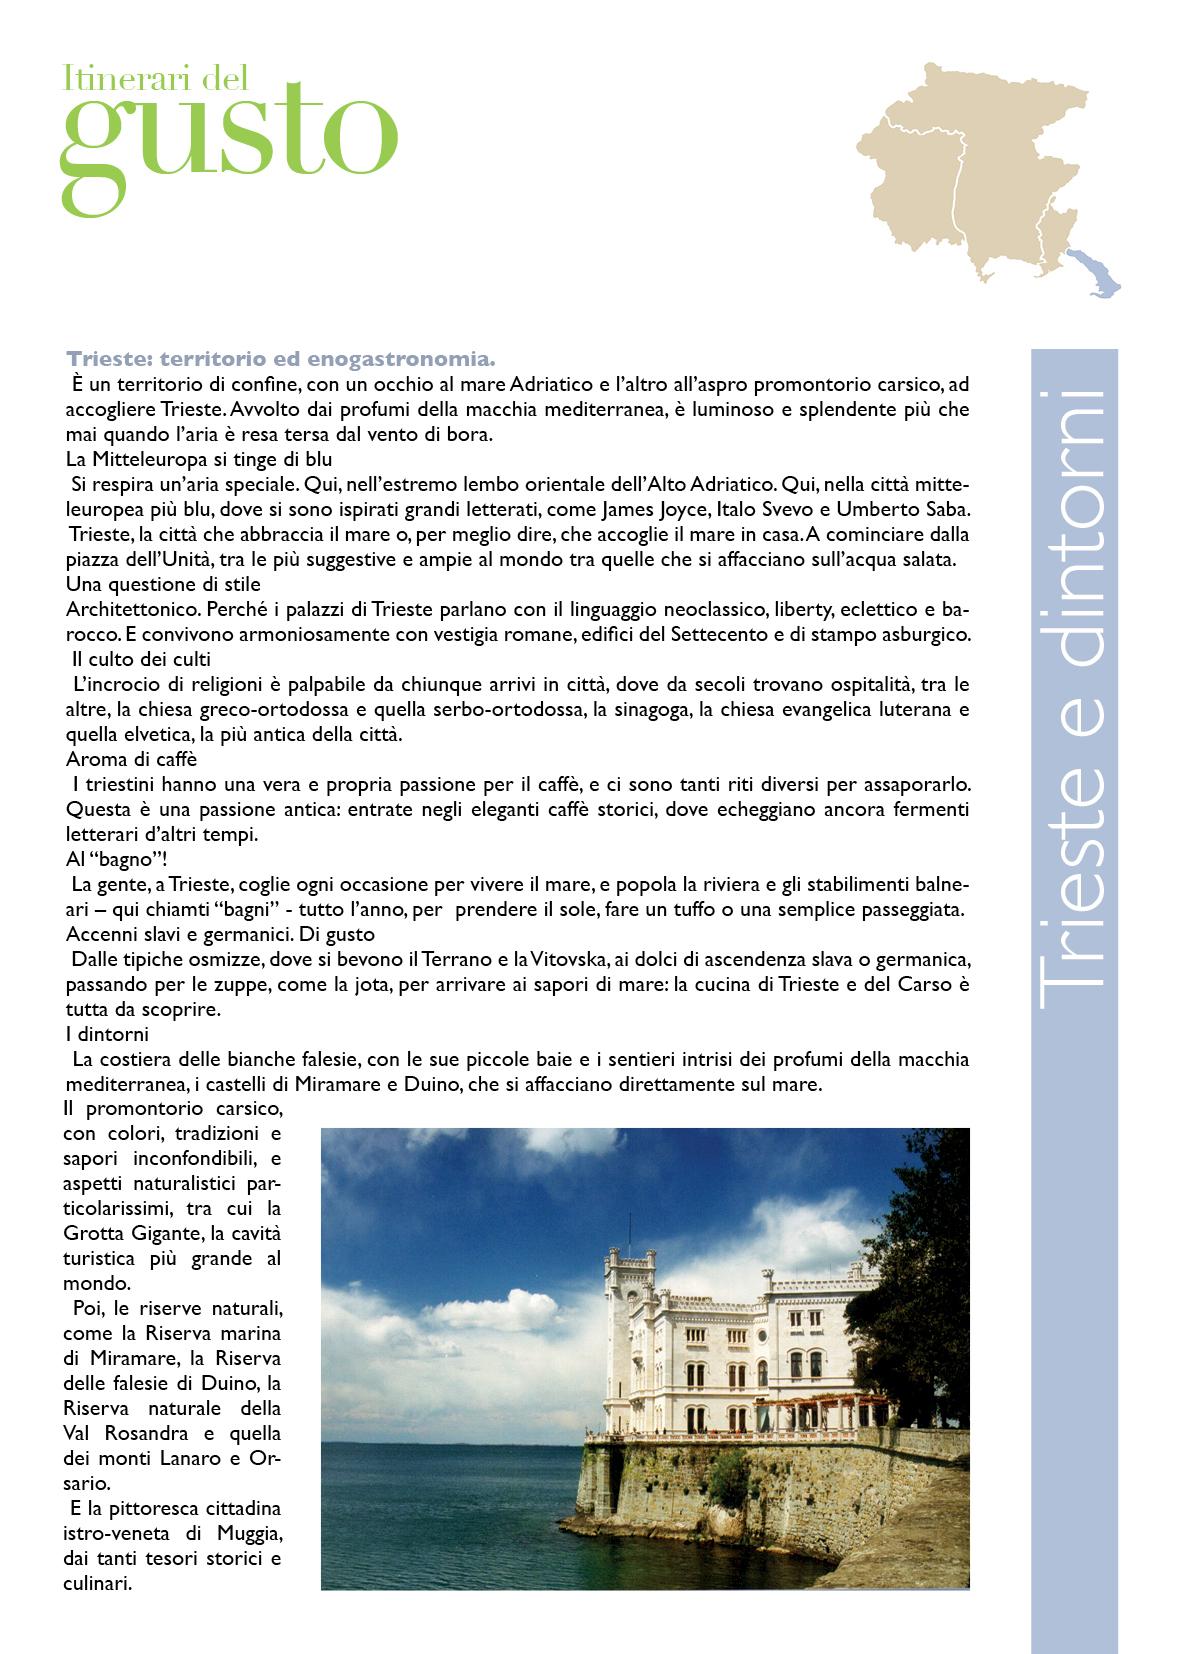 ITINERARI DEL GUSTO 2018-19 pagine singole88